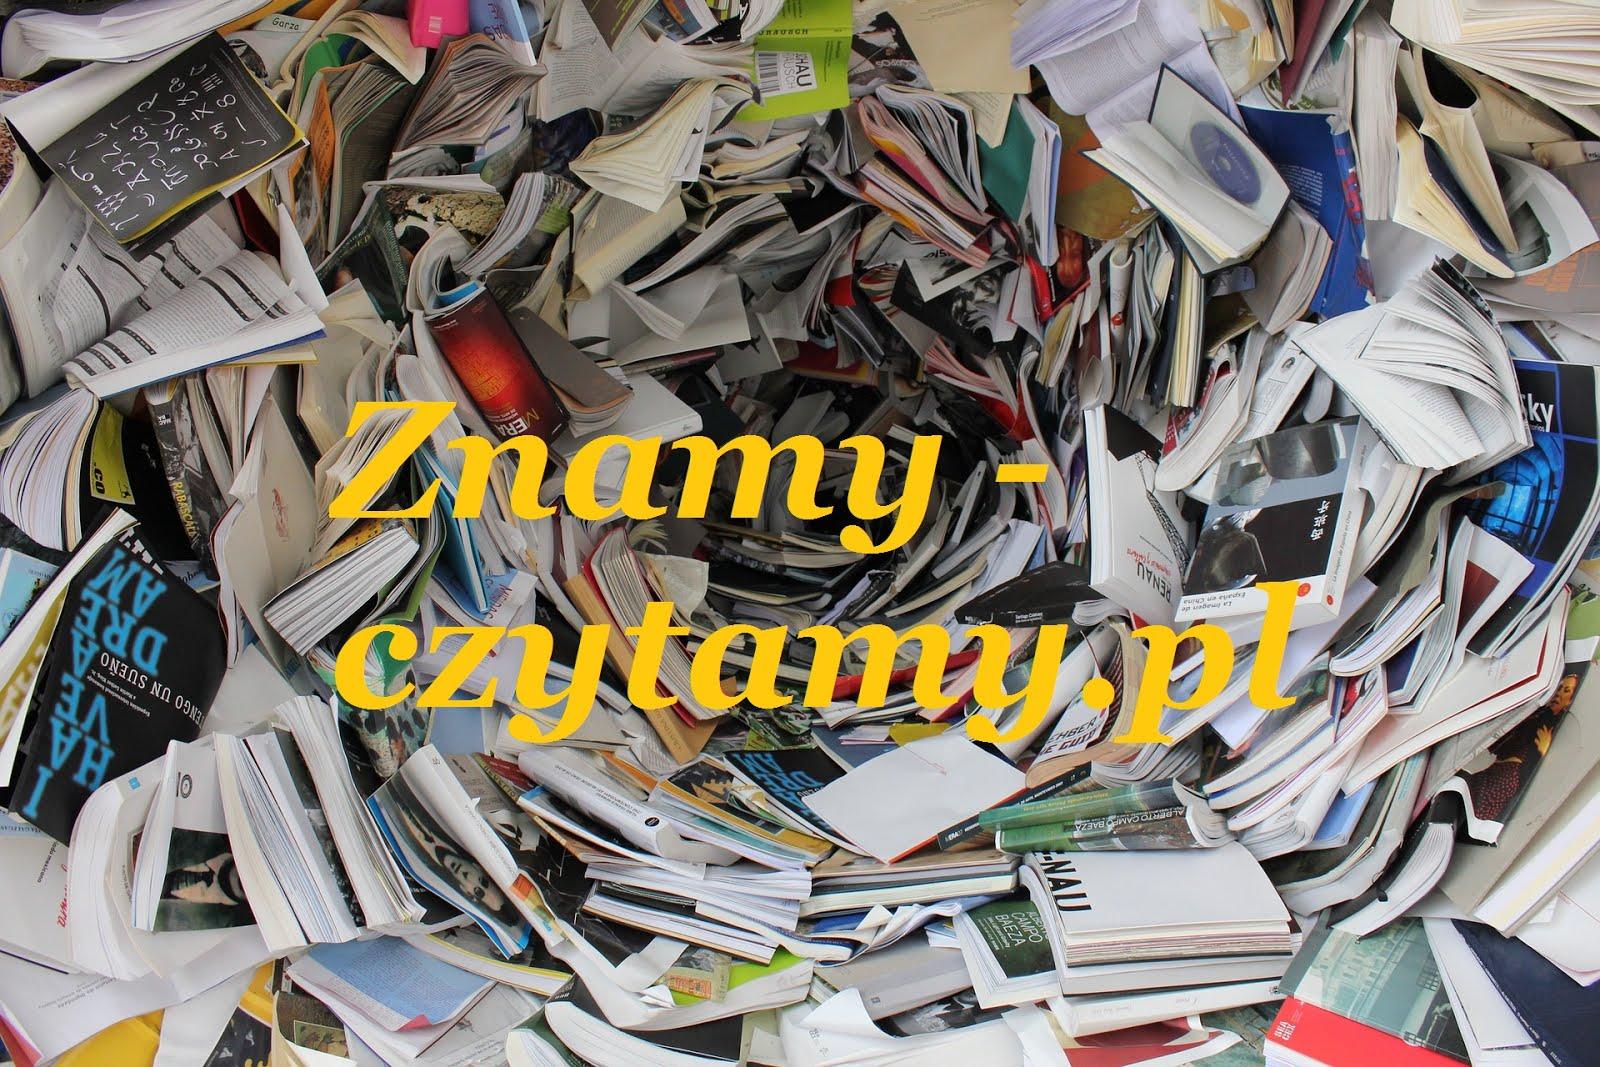 Znamy-czytamy.pl